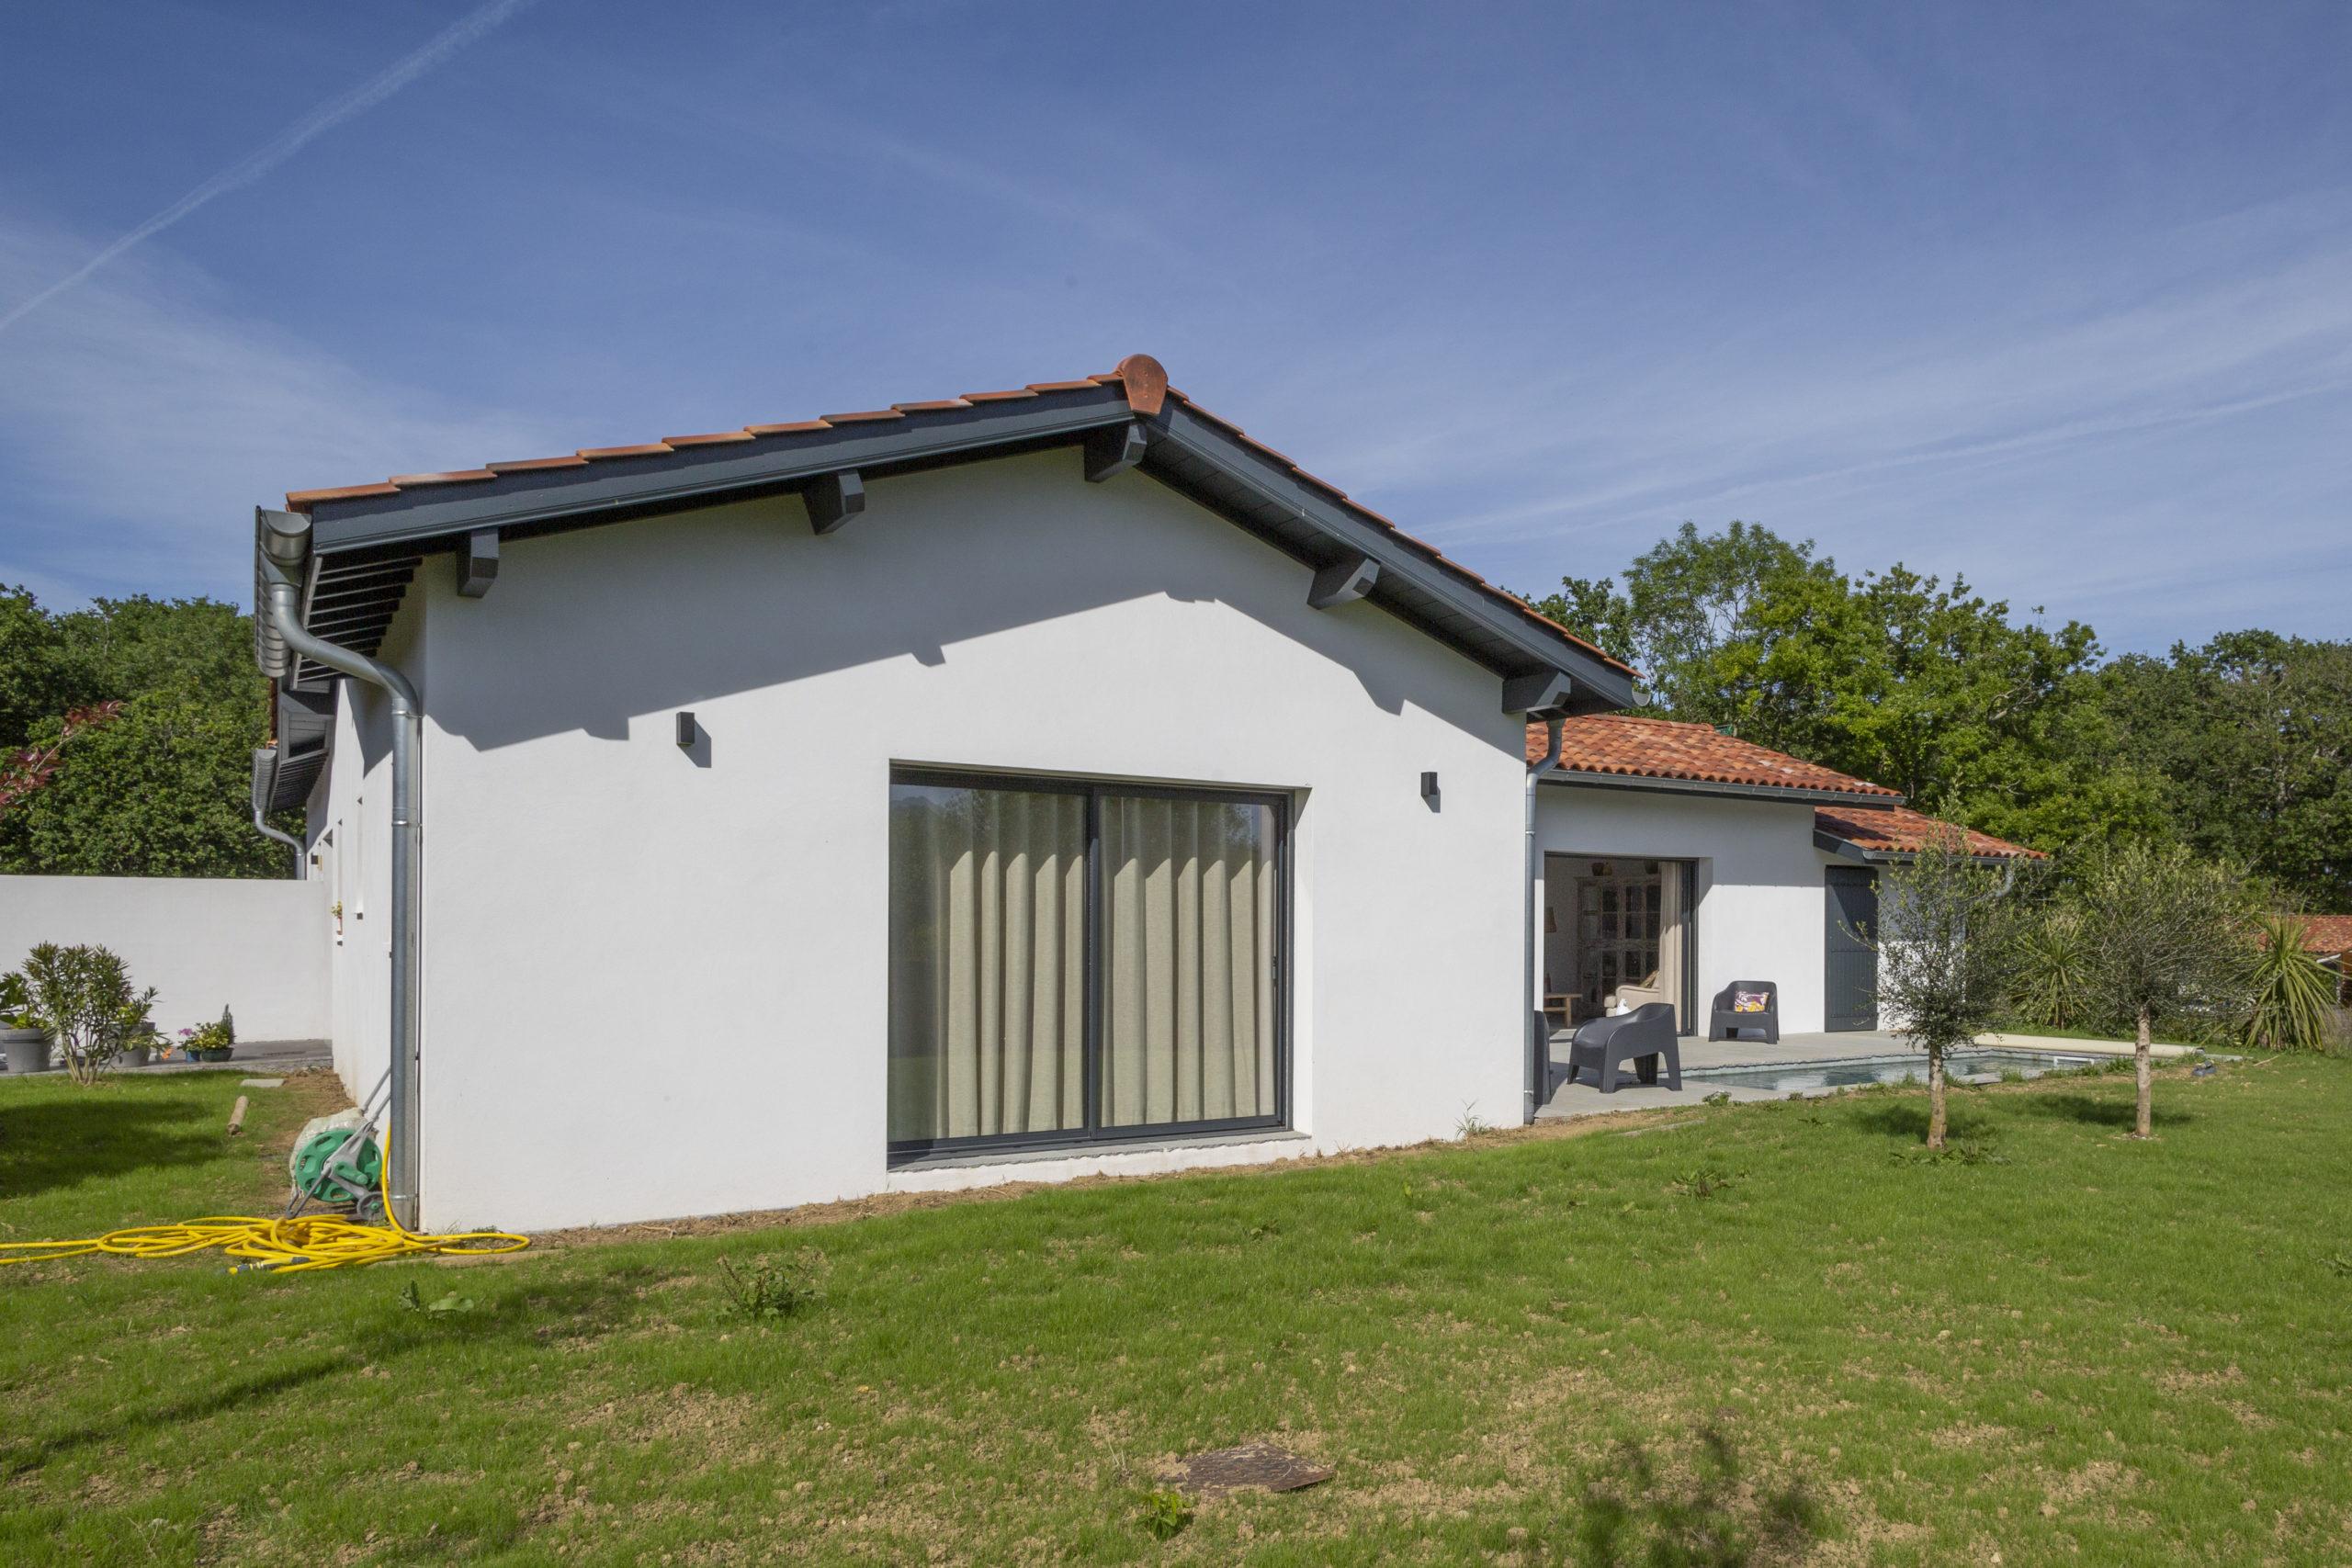 Atelier-Plurielles-Architectures-Construction maison Basque à Hendaye- extérieur